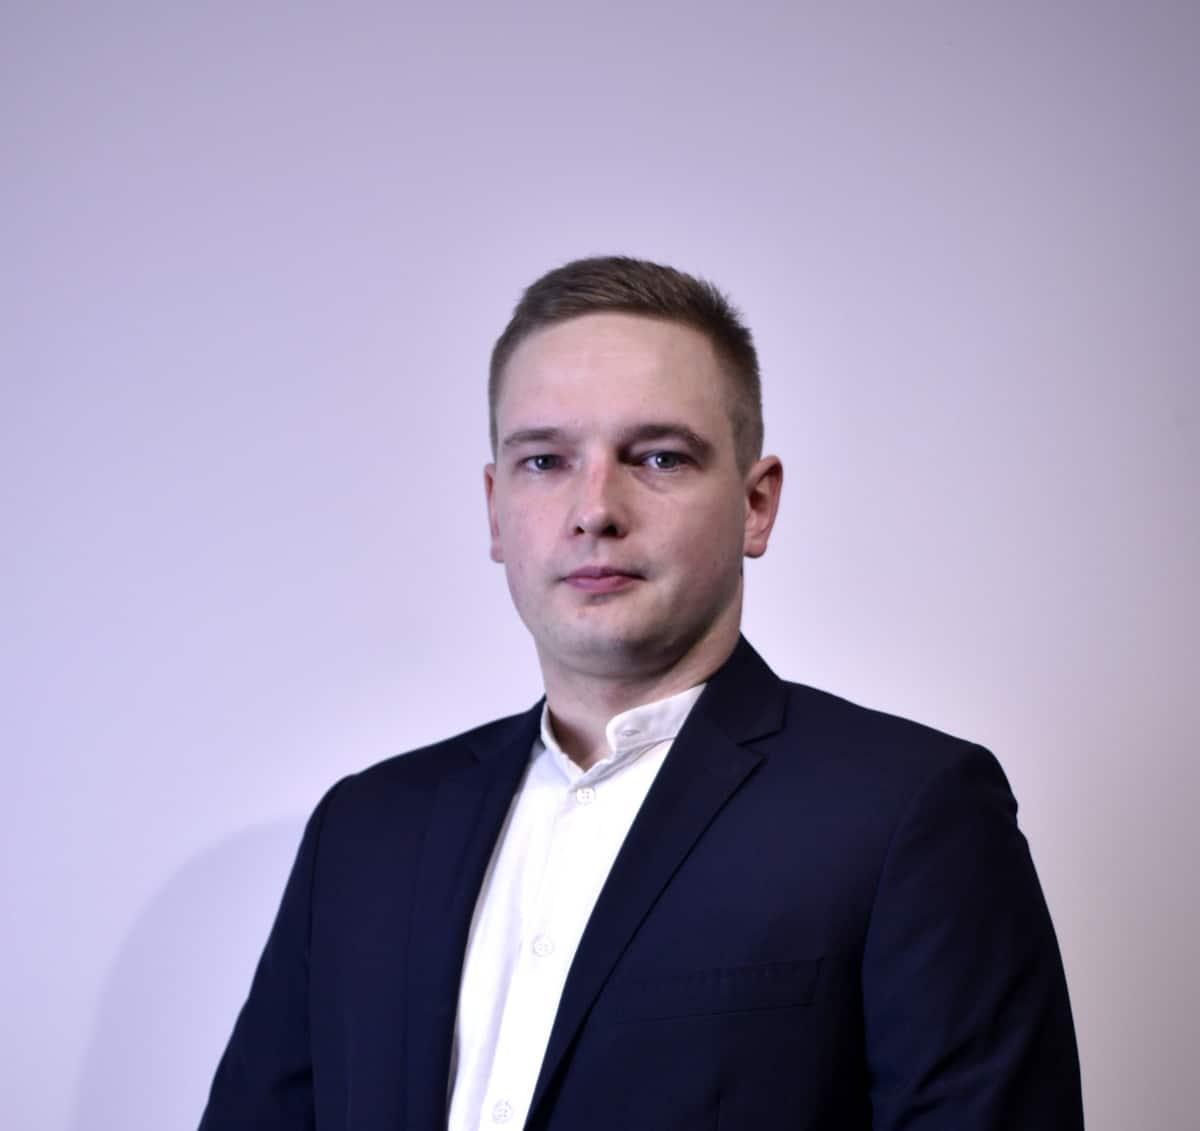 Maciej Kudziela